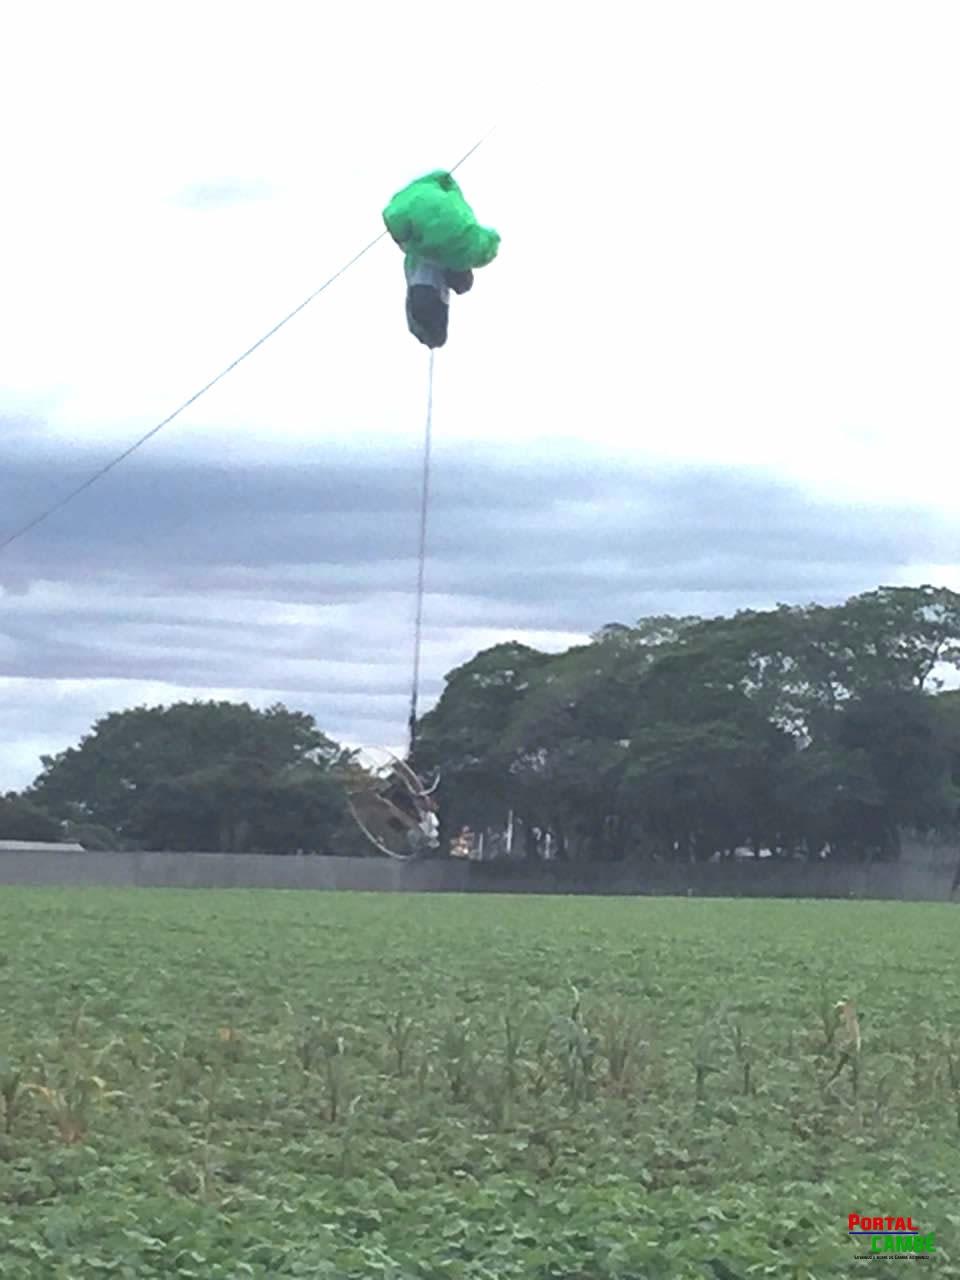 Piloto perde controle de parapente e cai em fios de alta tensão próximo ao Bratislava em Cambé